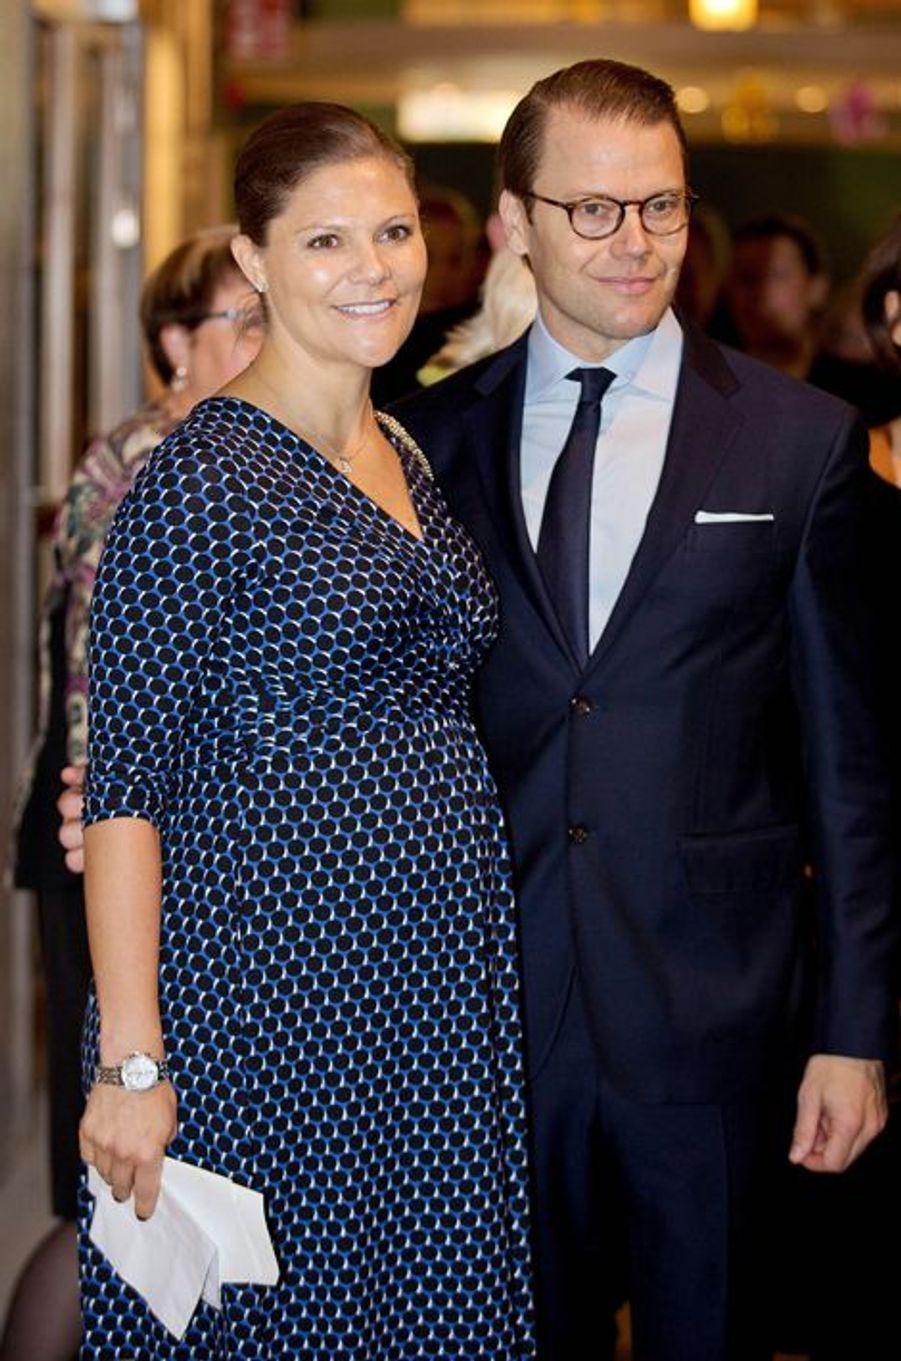 La princesse Victoria de Suède, avec le prince consort Daniel, le 18 novembre 2015